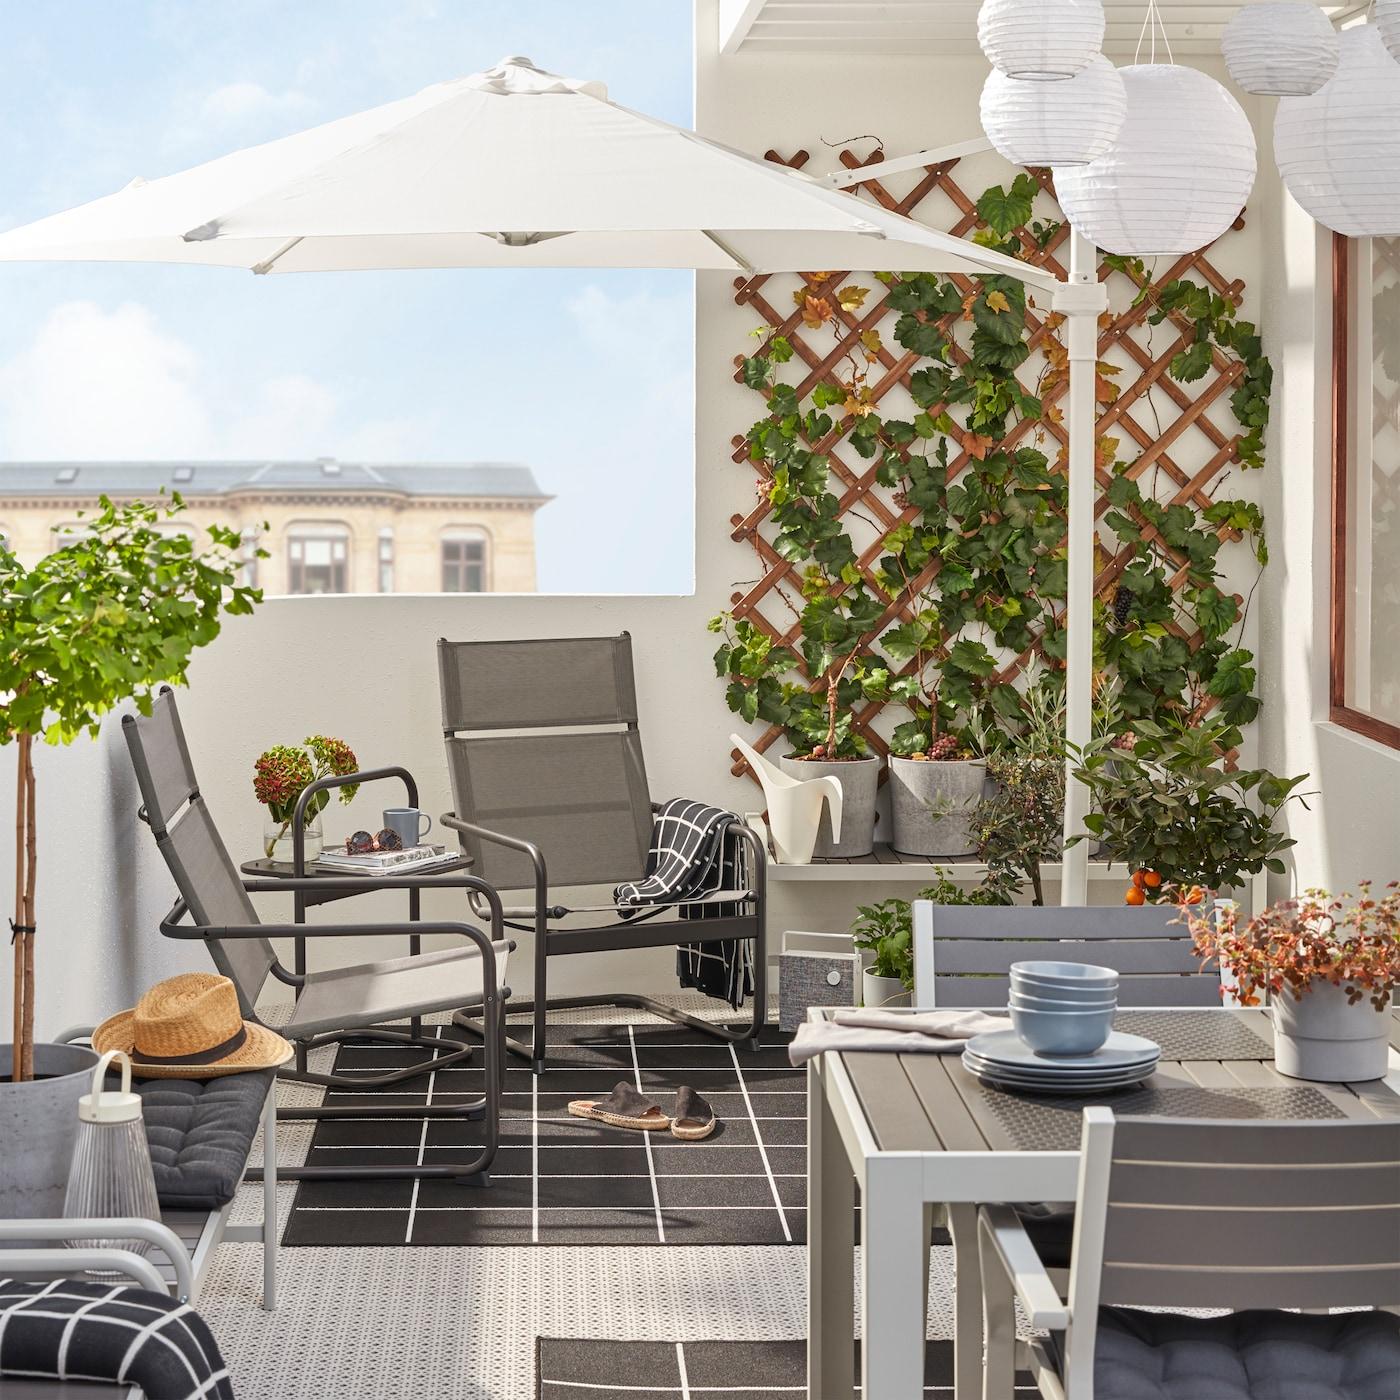 Balcon avec fauteuils et table d'appoint HUSARÖ, parasol blanc, table et chaises grises et tapis noir/blanc.